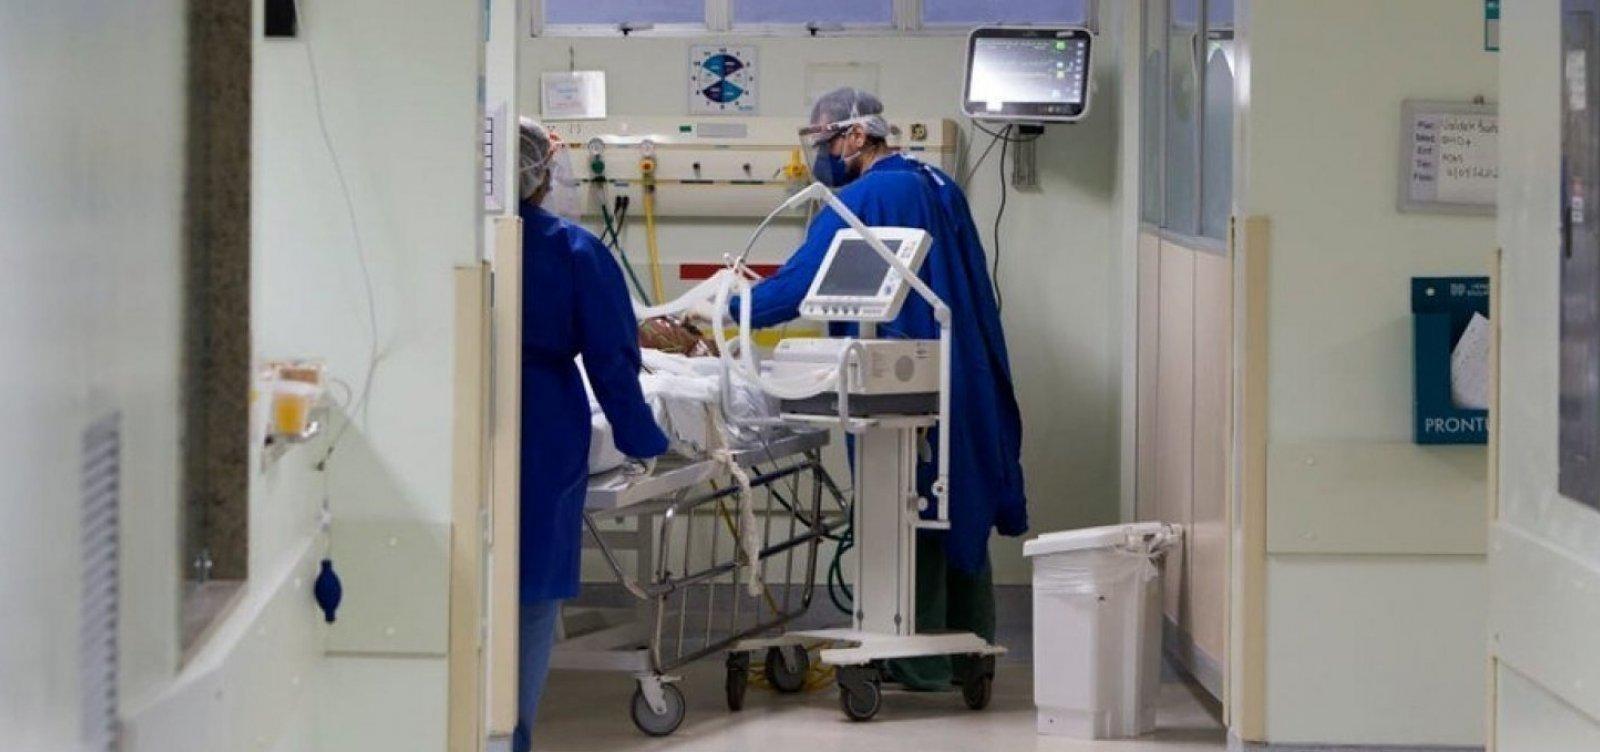 Brasil registra 17,2 milhões de casos e 484,2 mil mortes por Covid-19